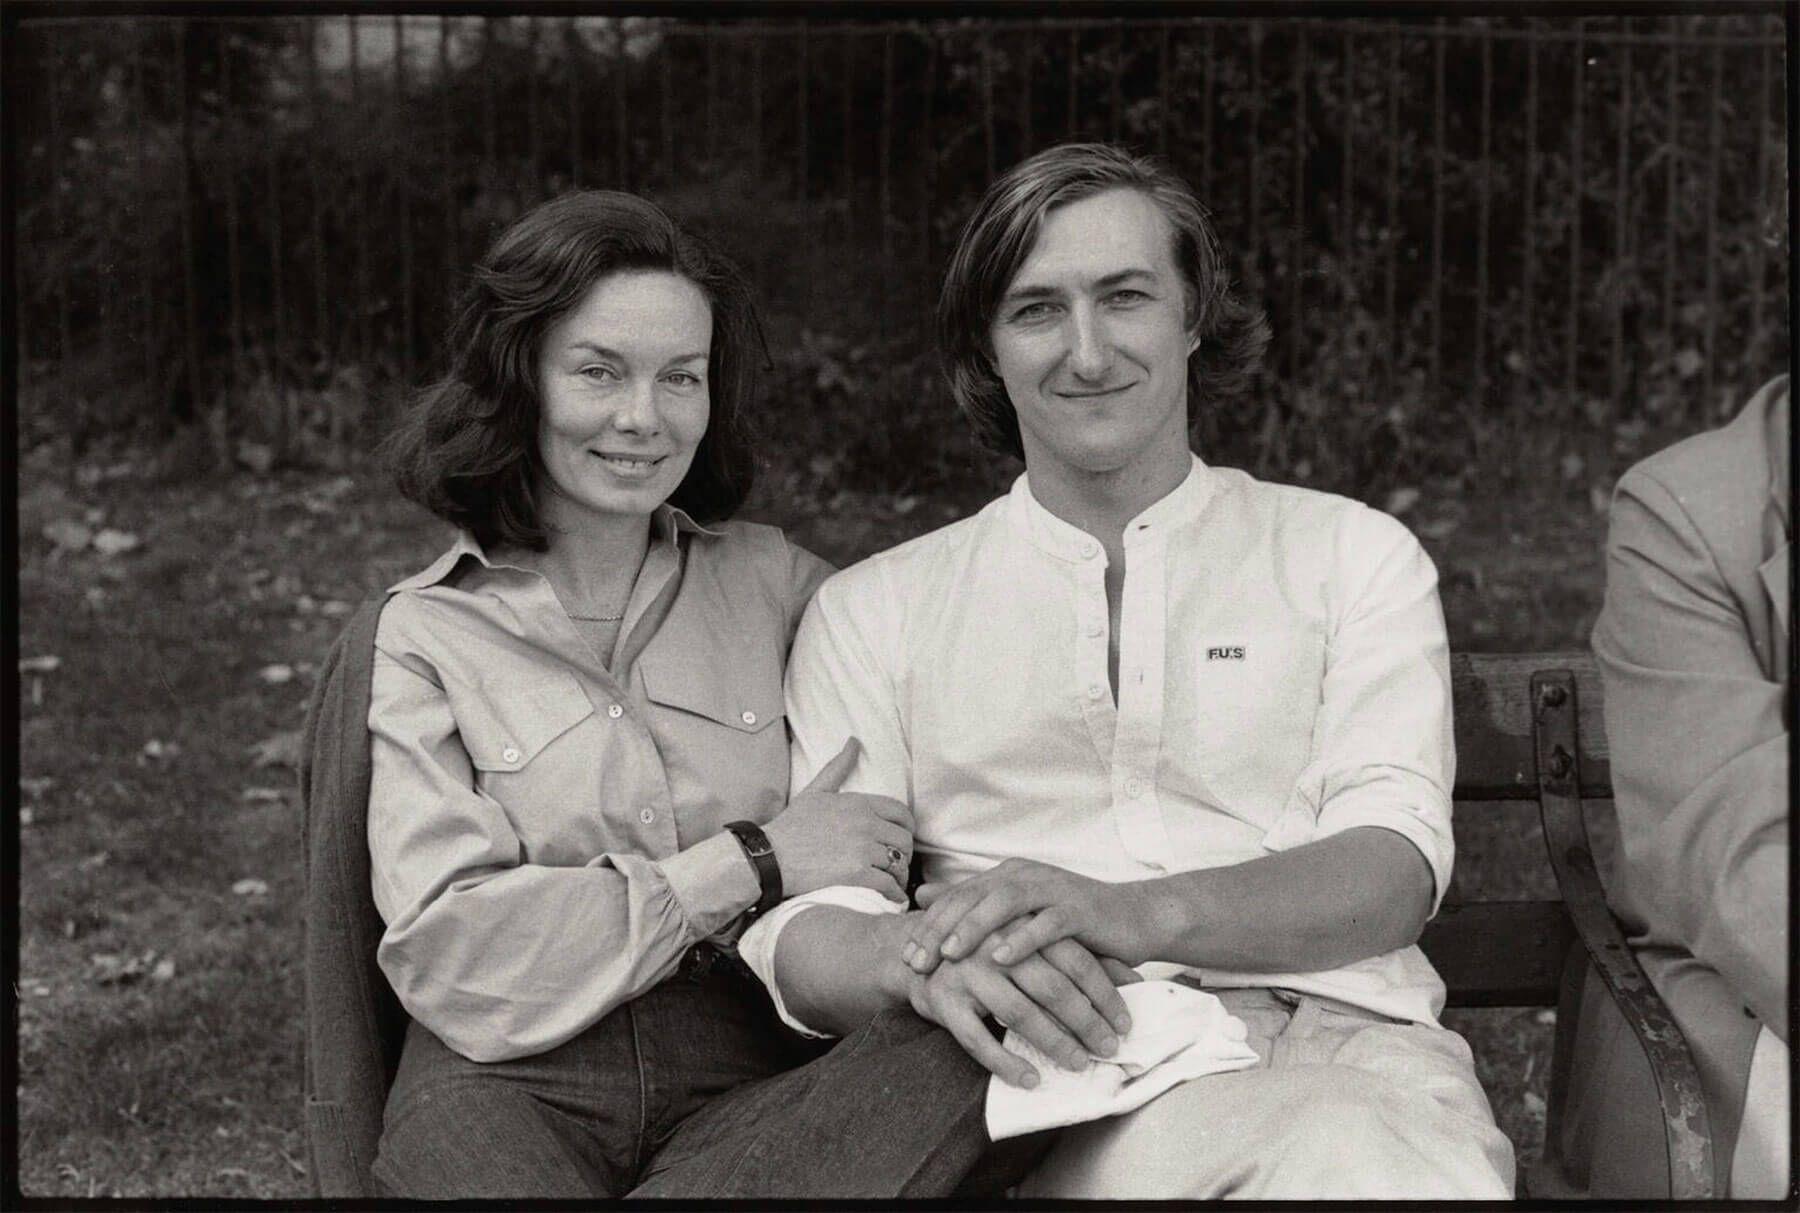 Джулиан Барнс и Пэт Кавана в 1978 году. Фото: Angela Gorgas / npg.org.uk